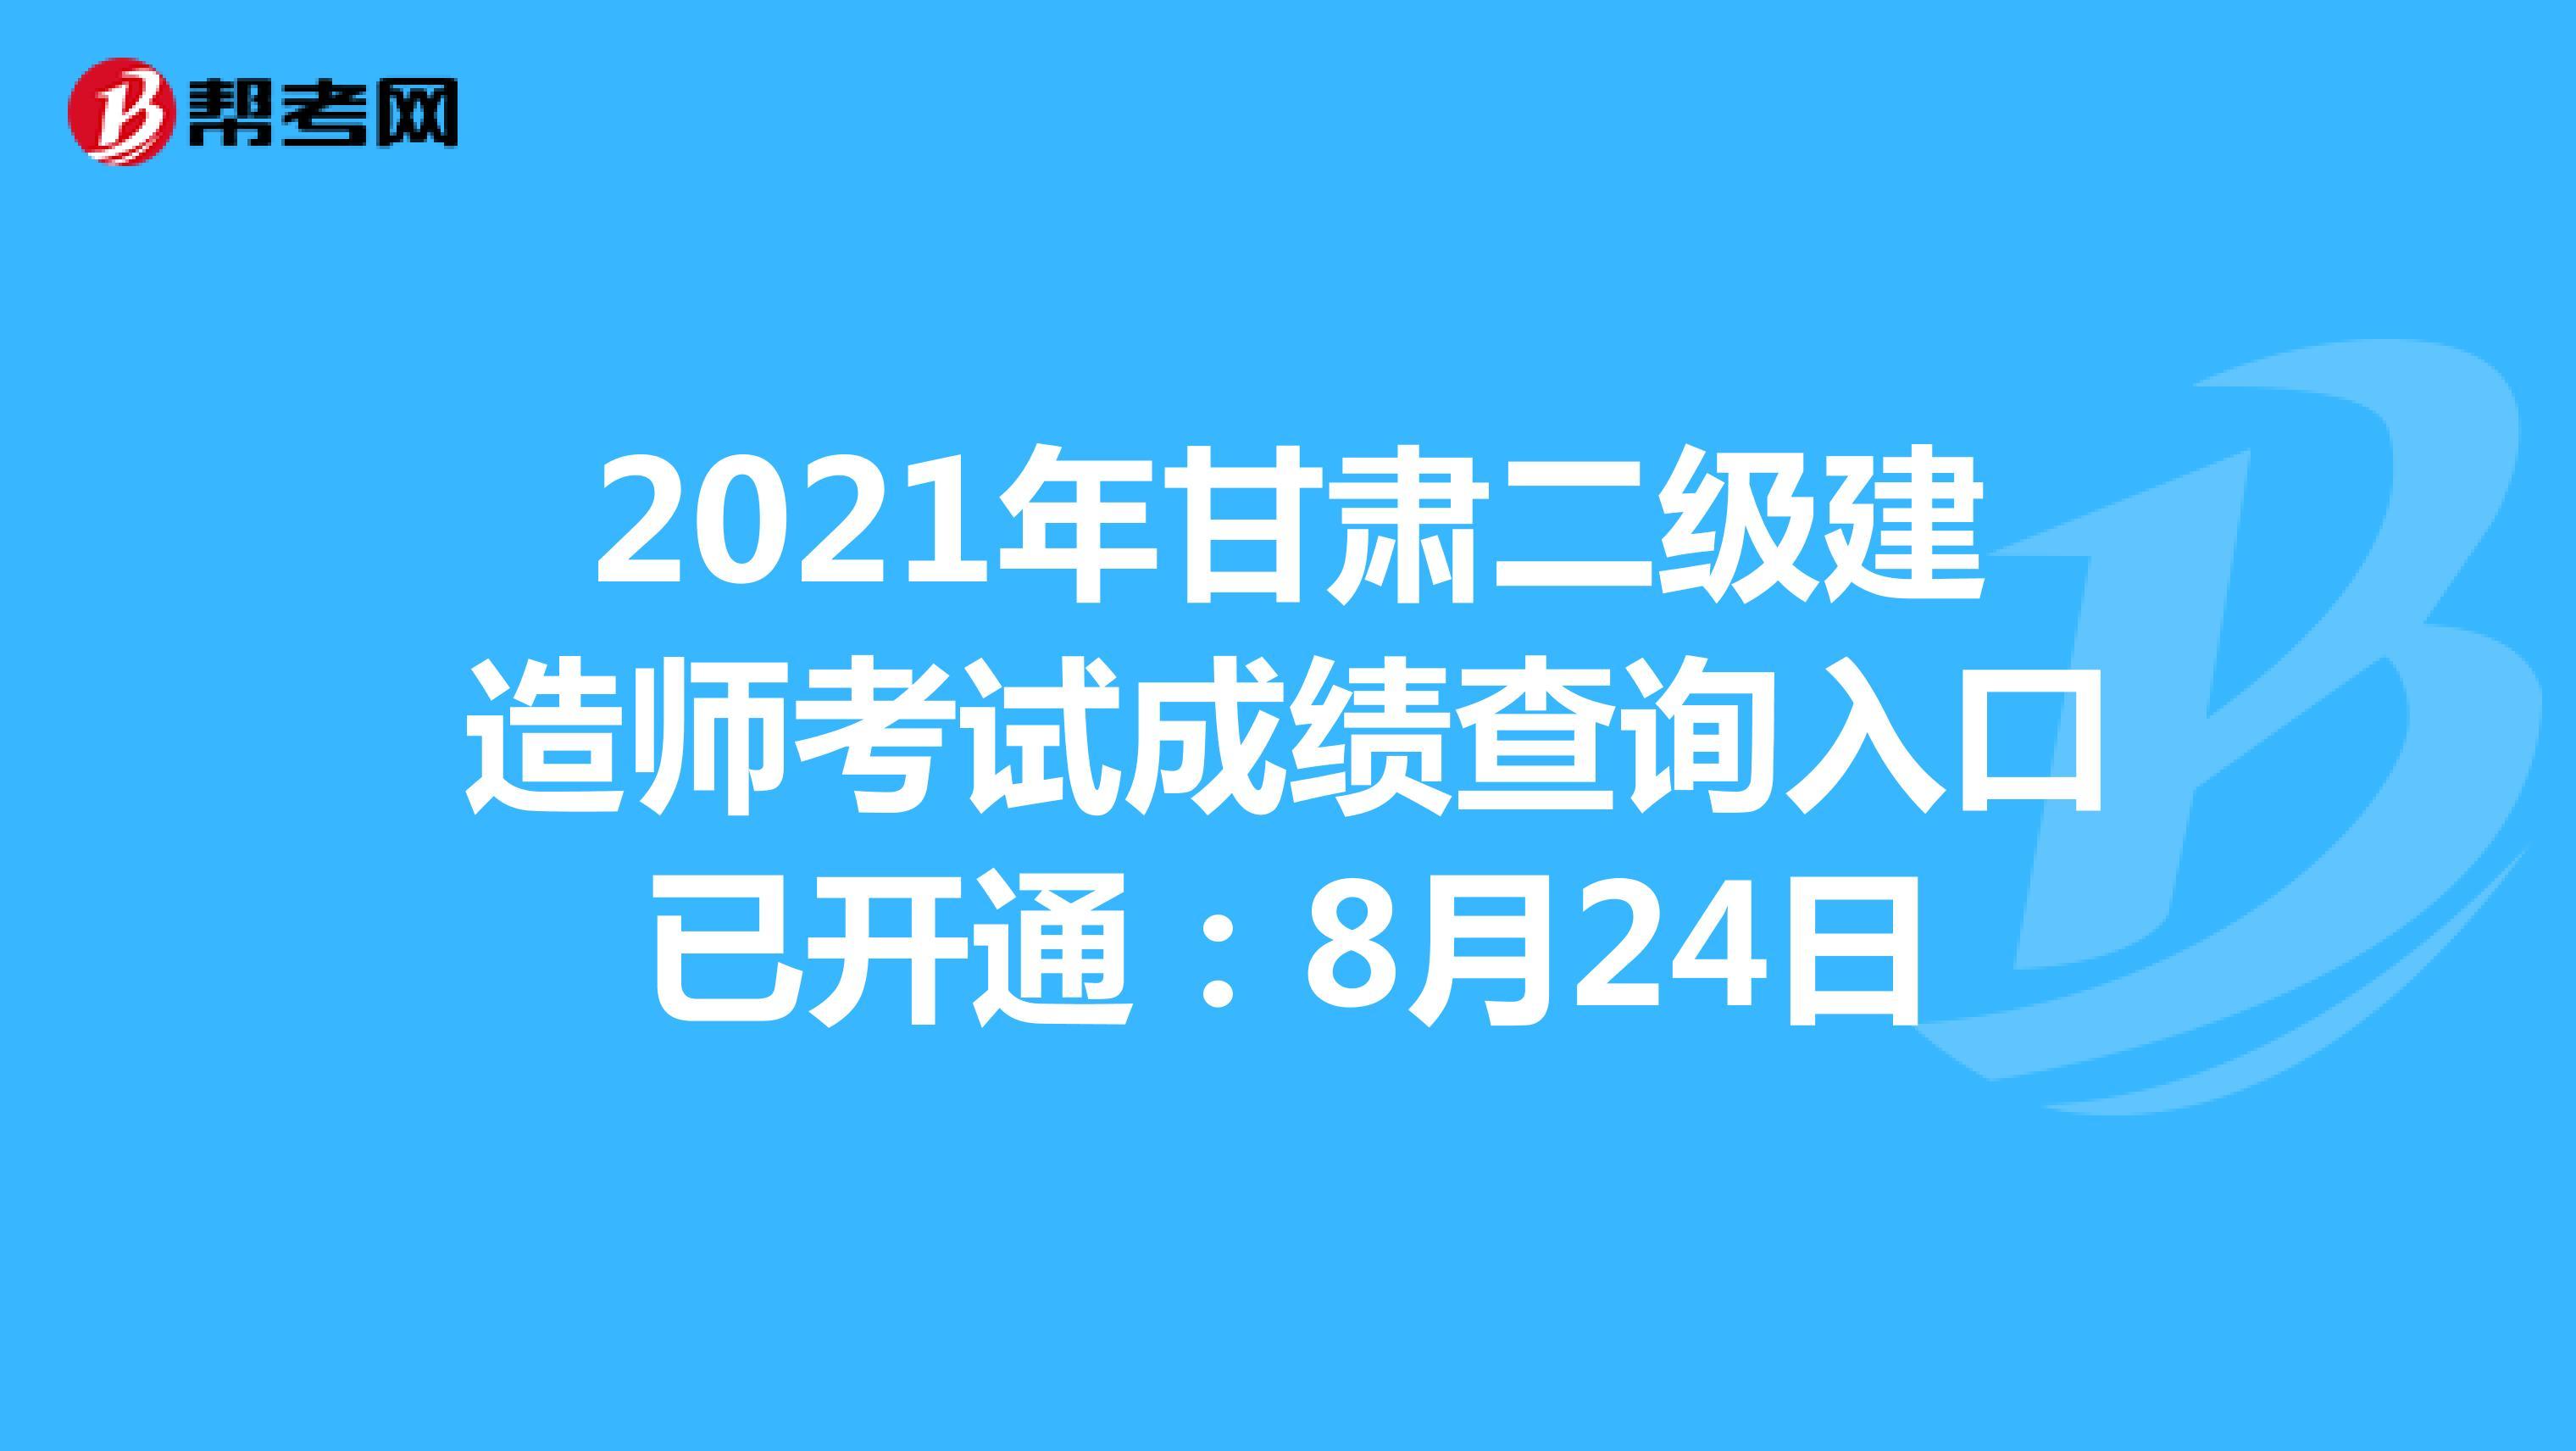 2021年甘肃二级建造师考试成绩查询入口已开通:8月24日